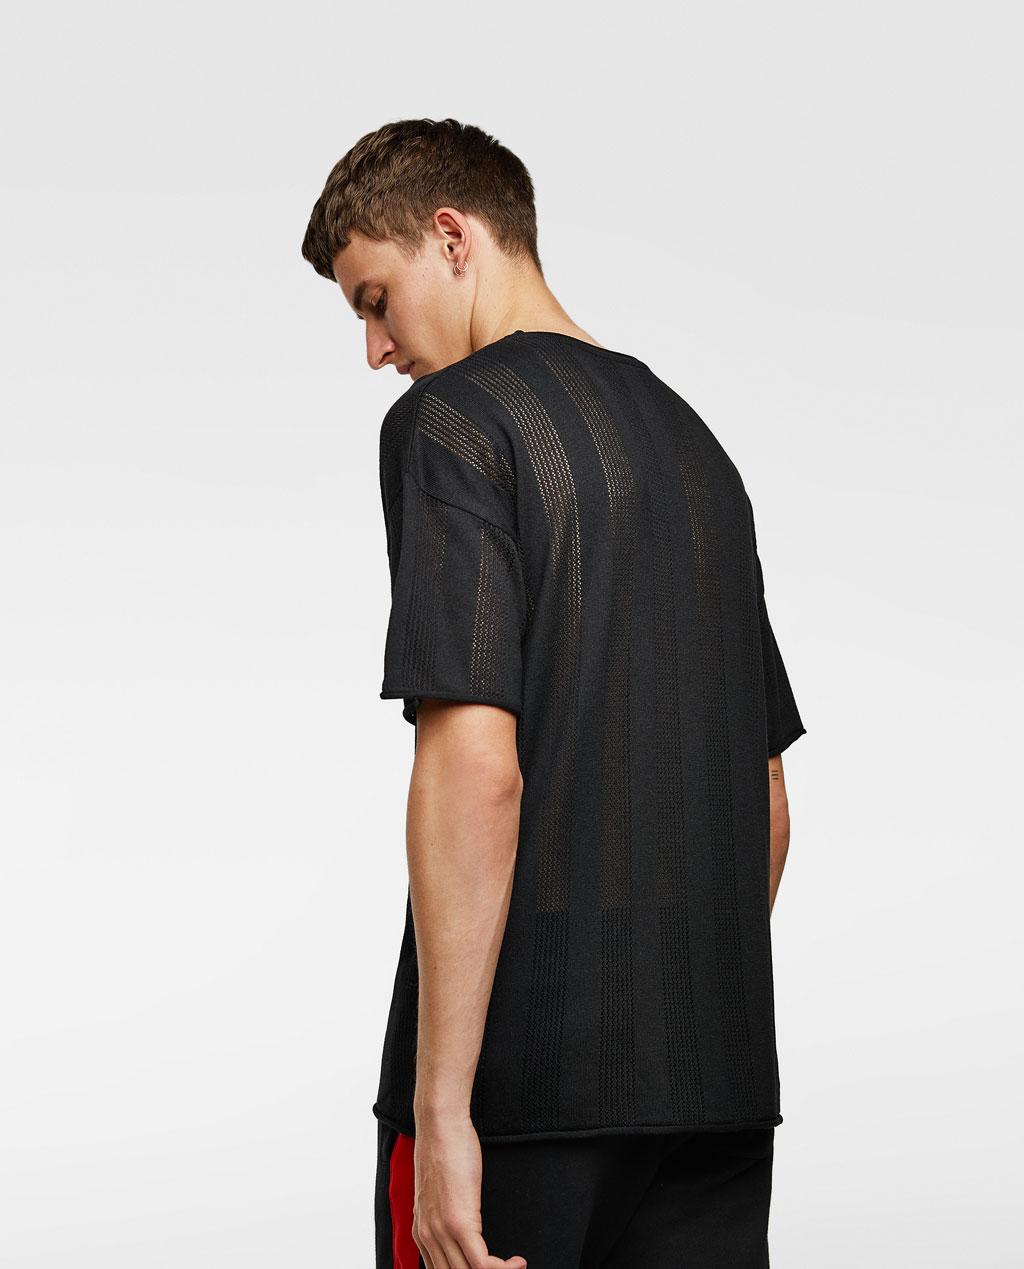 Thời trang nam Zara  24103 - ảnh 5